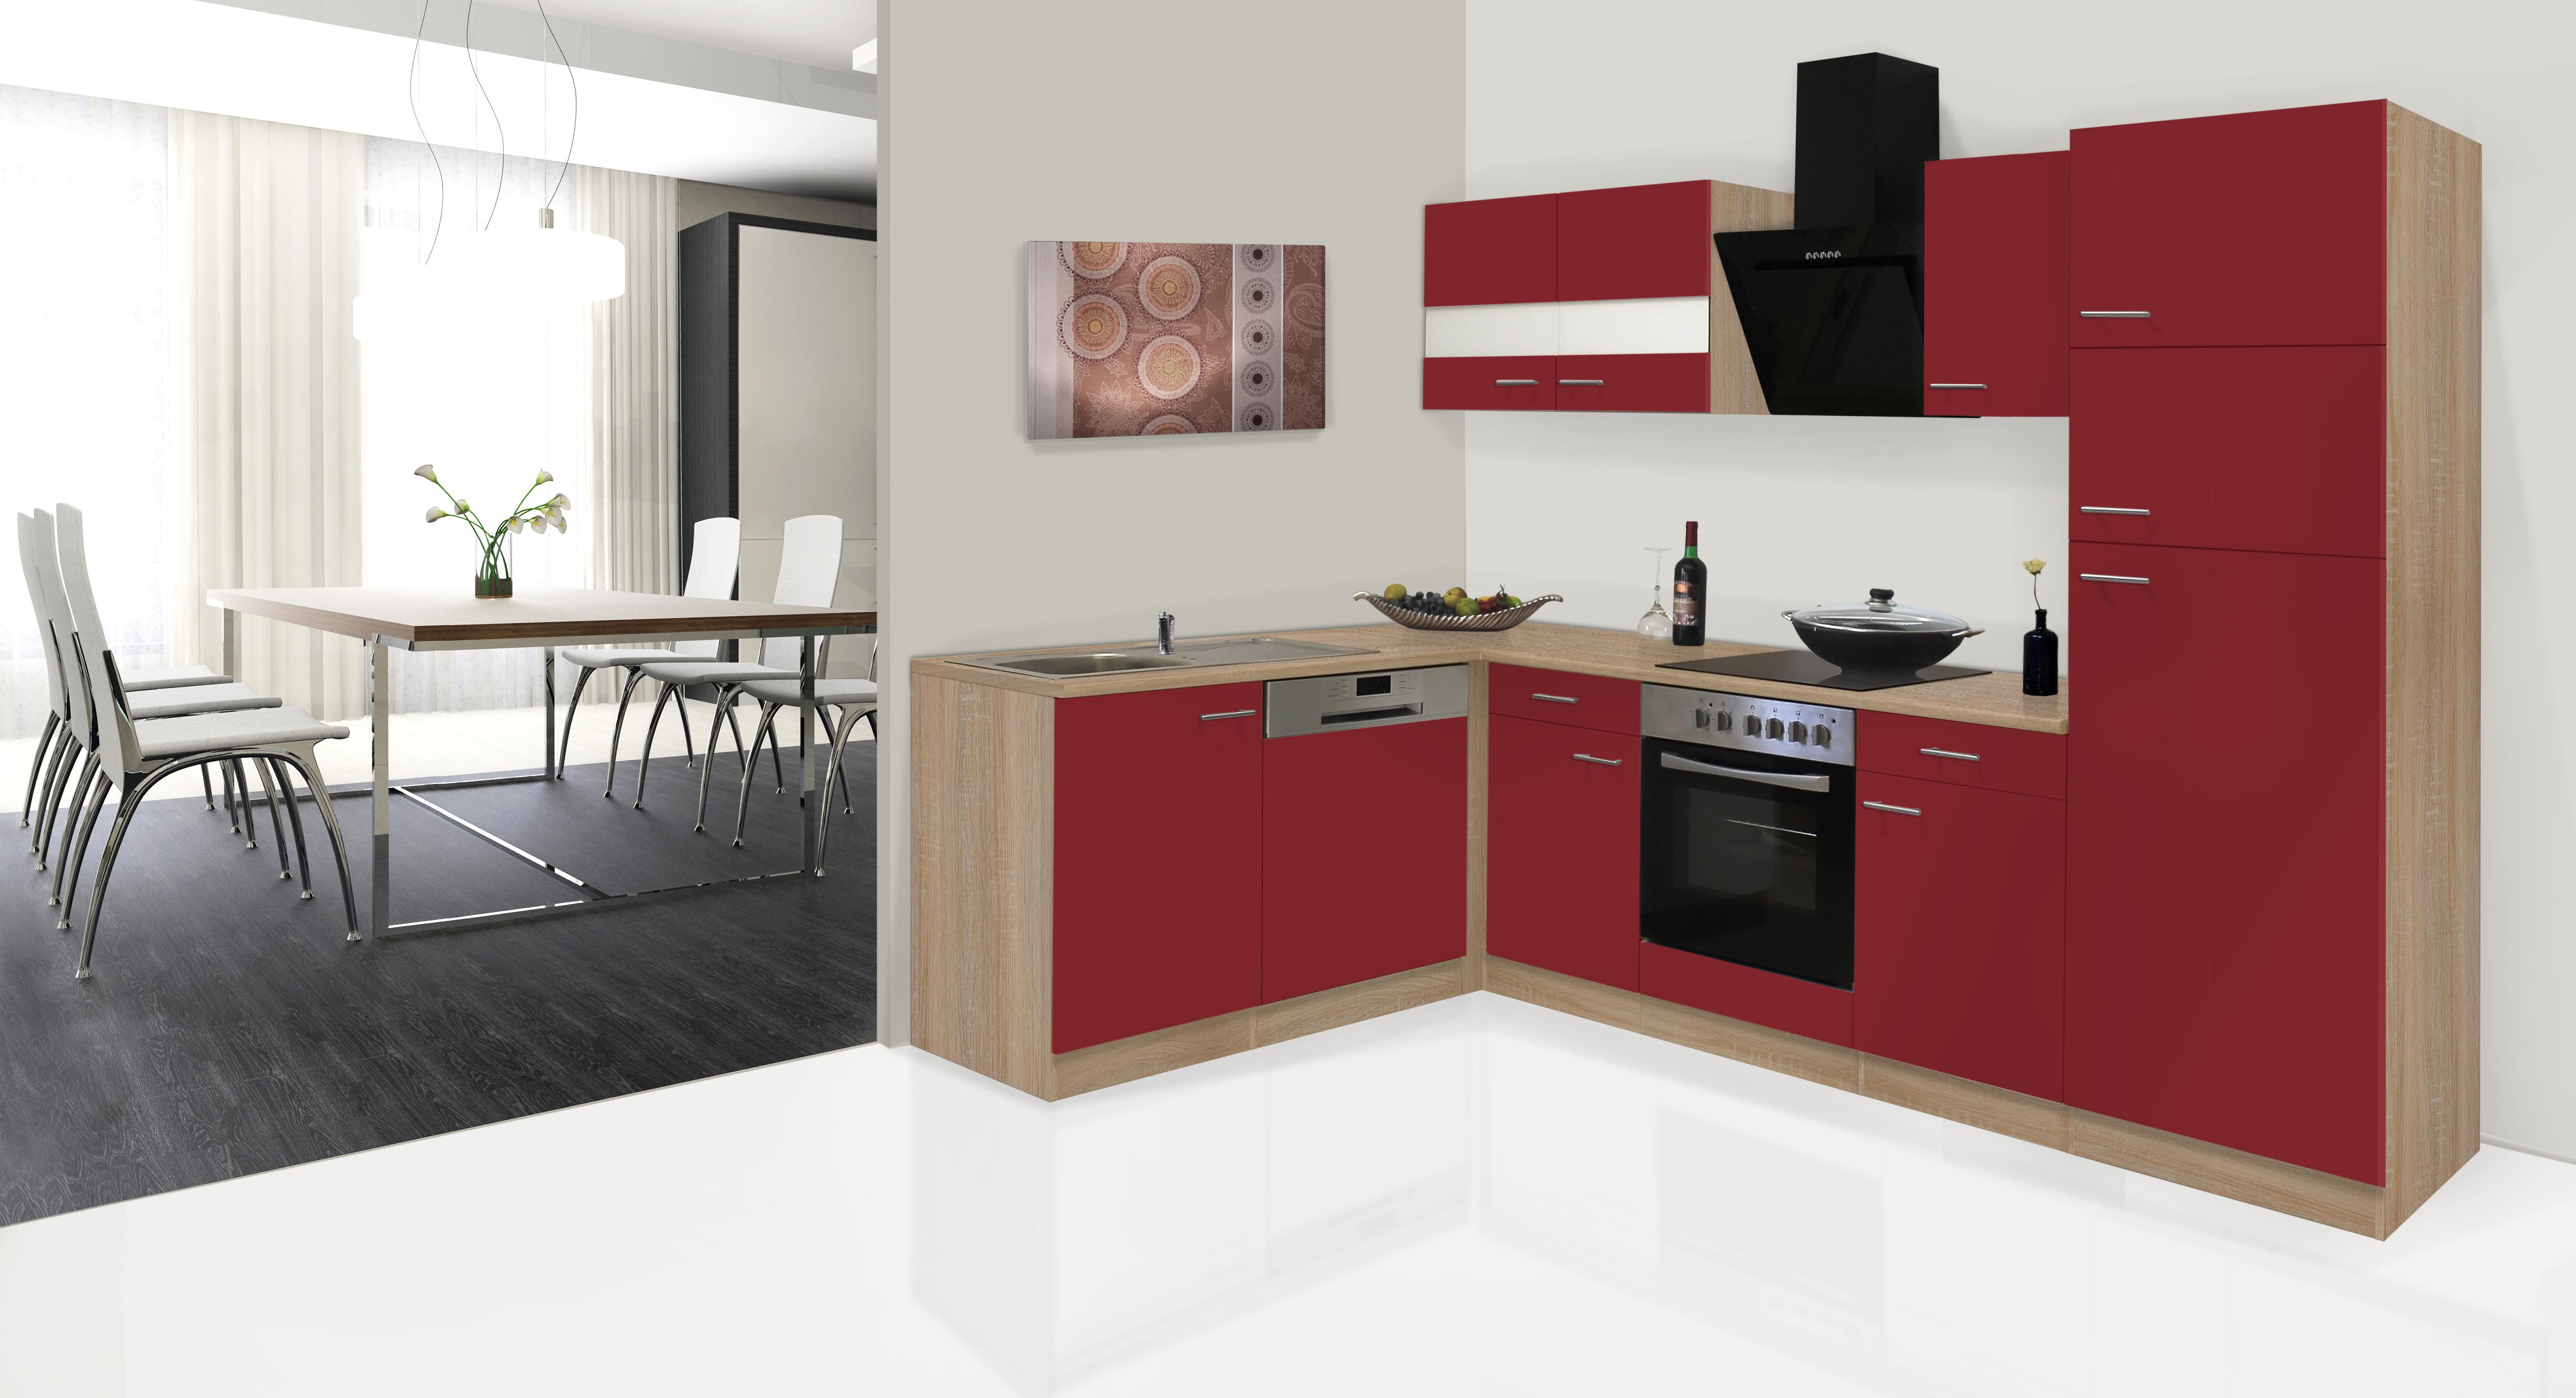 cucina angolo cottura winkelküche blocco vuoto l-forma RESPEKTA 280 ...